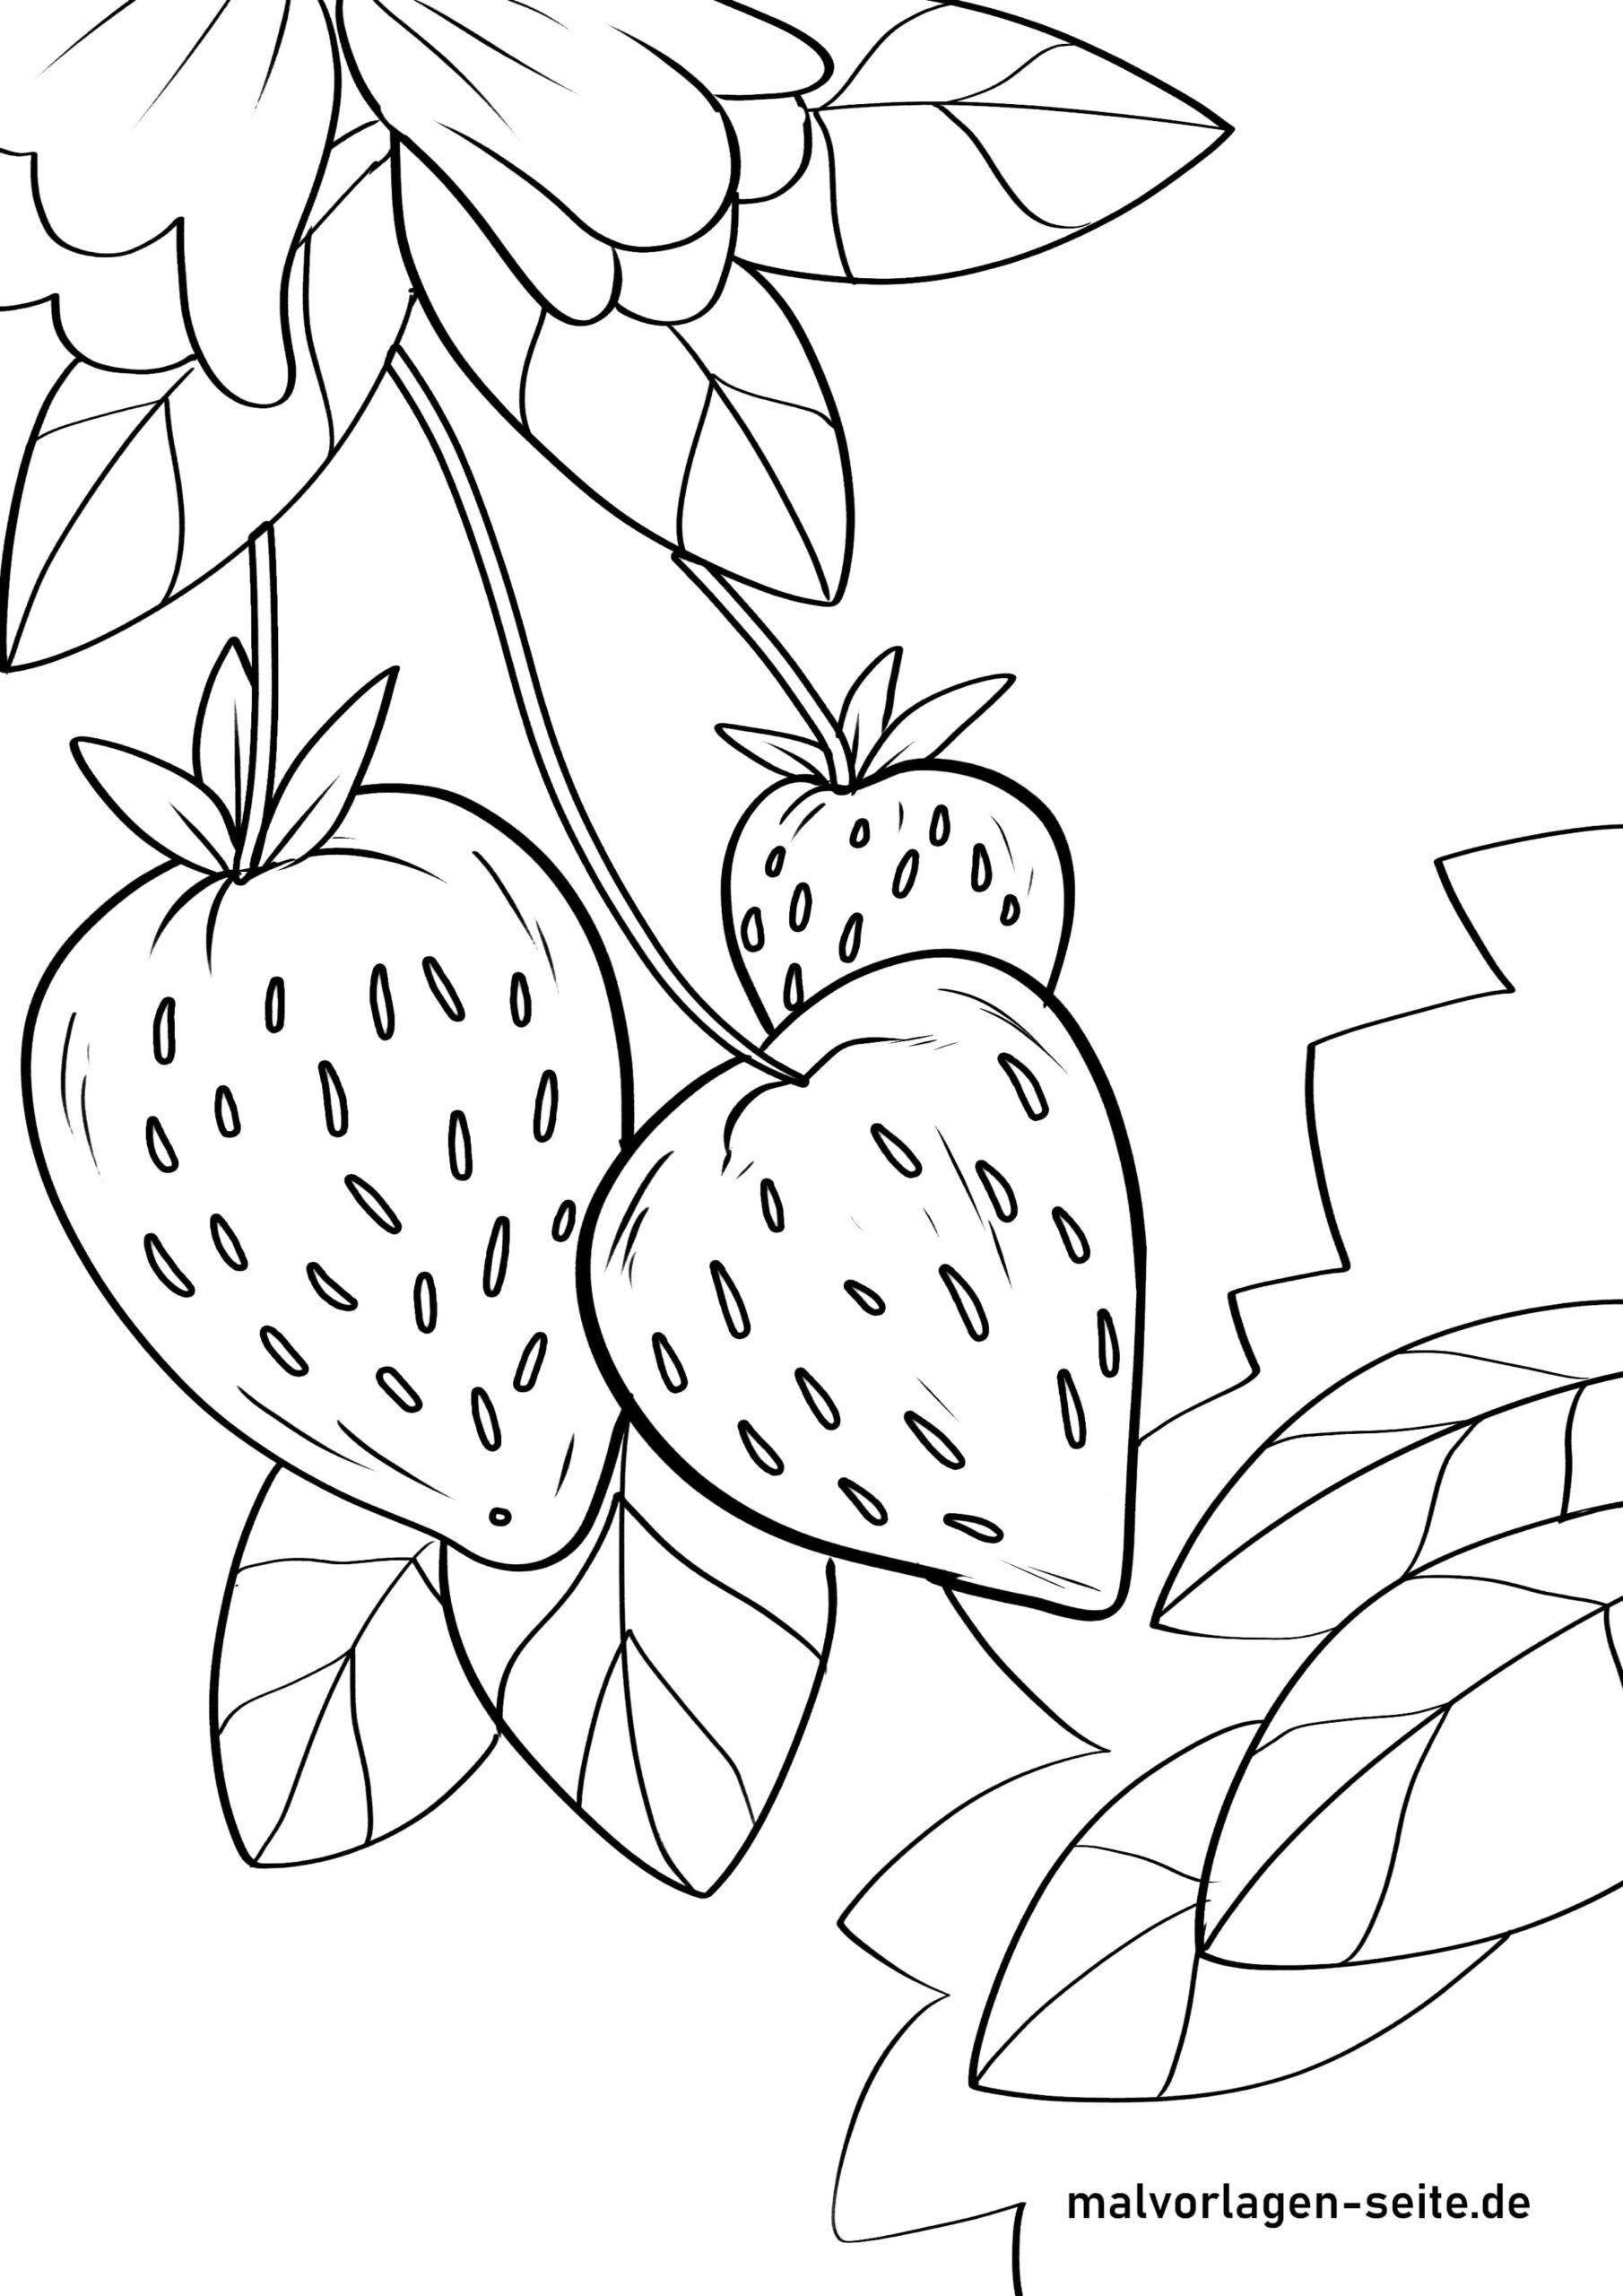 Nā strawberry ʻaoʻao kala